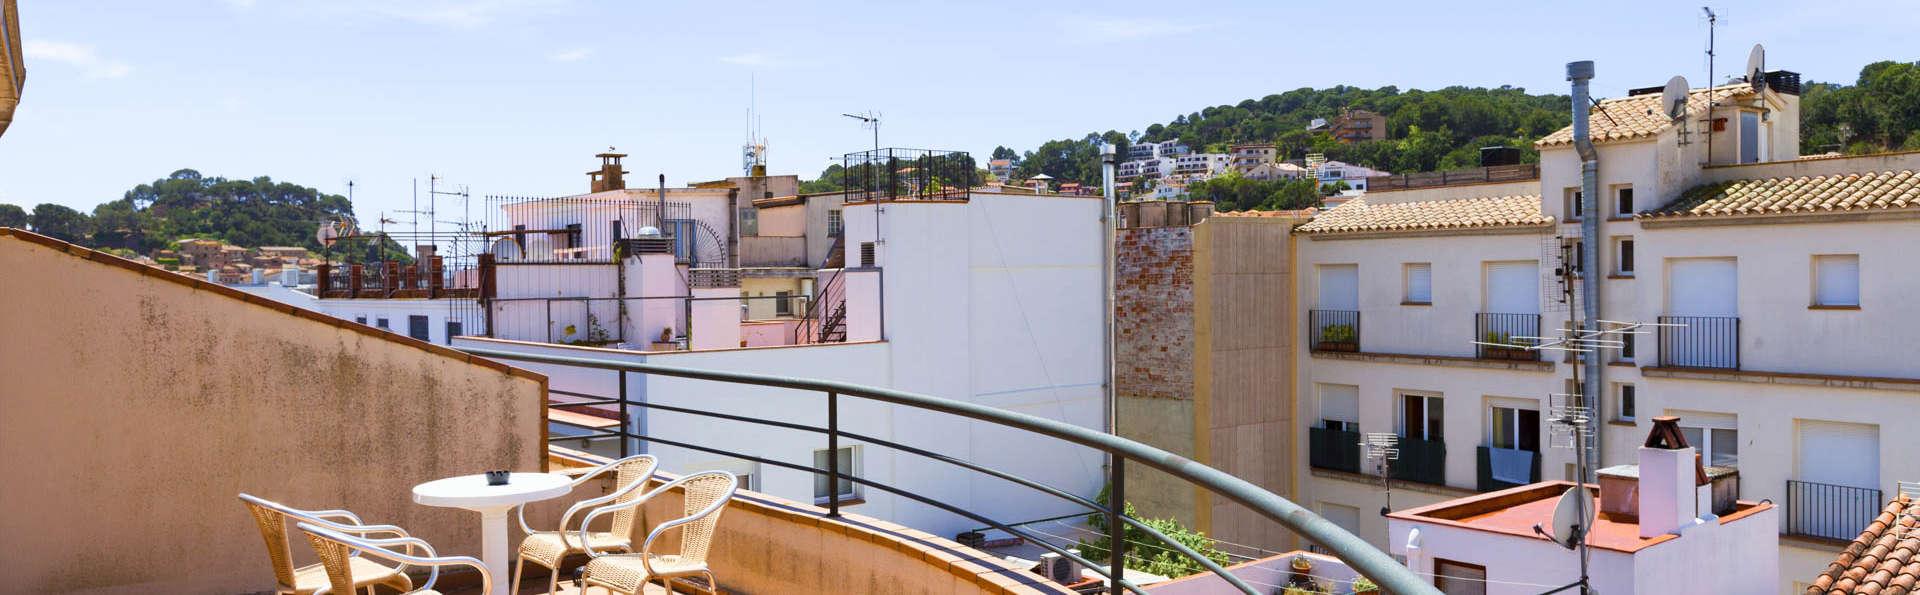 Hotel Tossa de Mar - EDIT_NEW_SUITEDUPLEX3.jpg